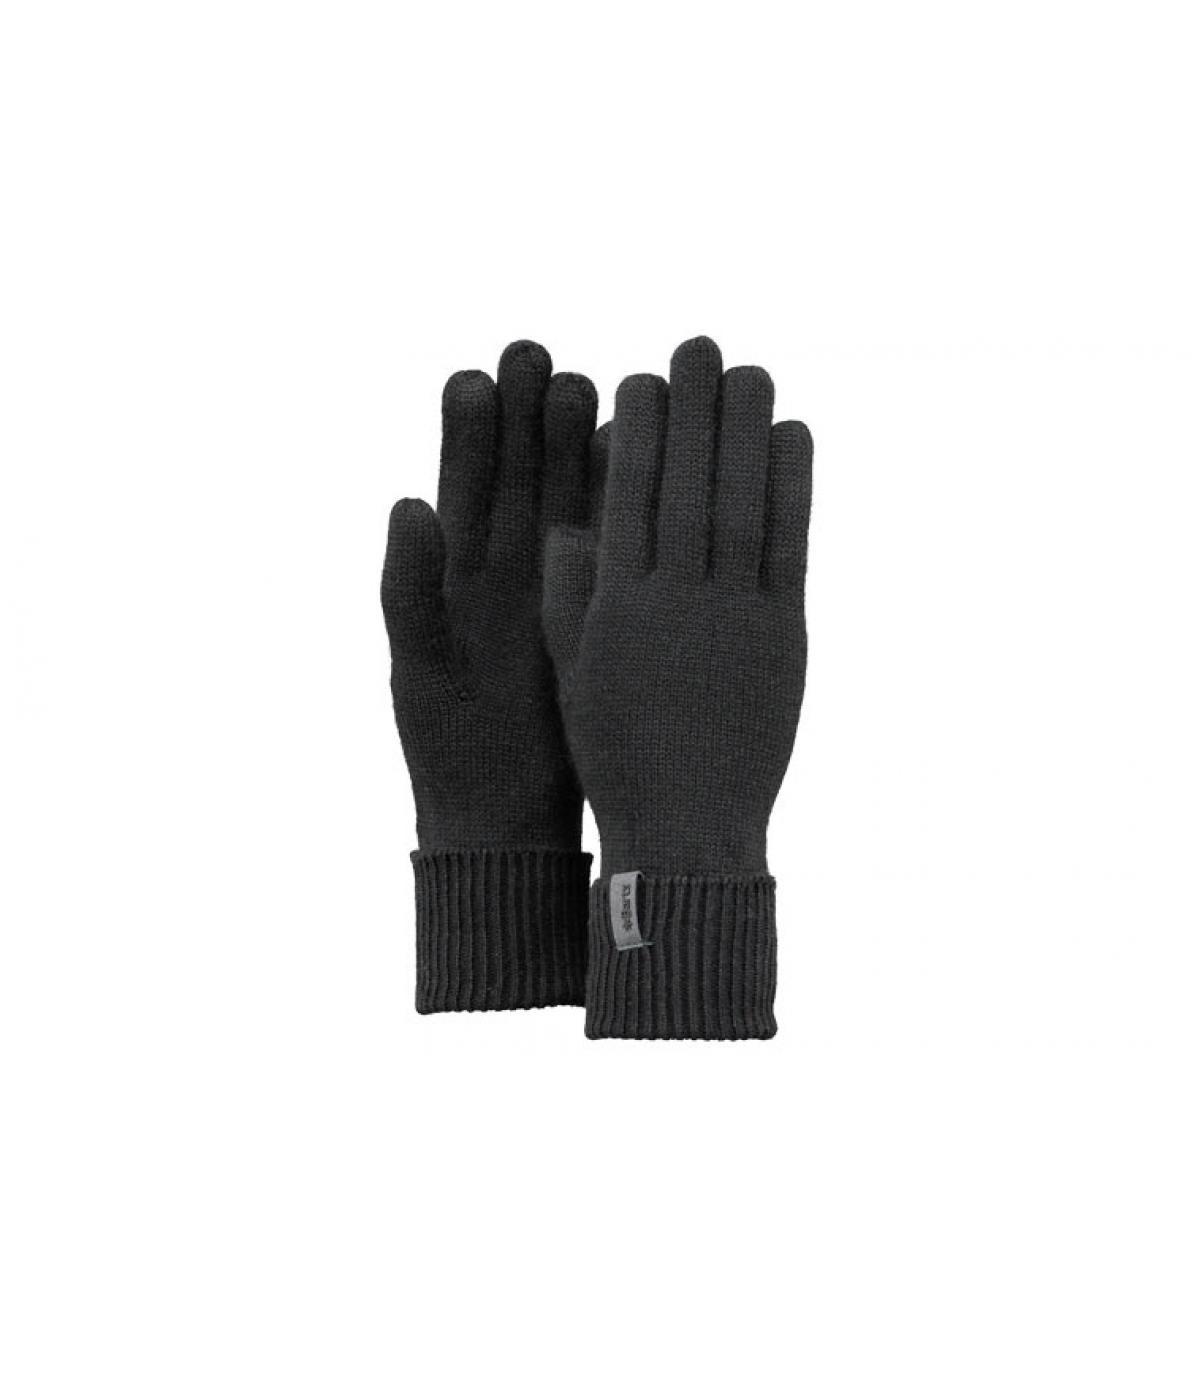 Détails Fine Knitted Gloves black M - image 3